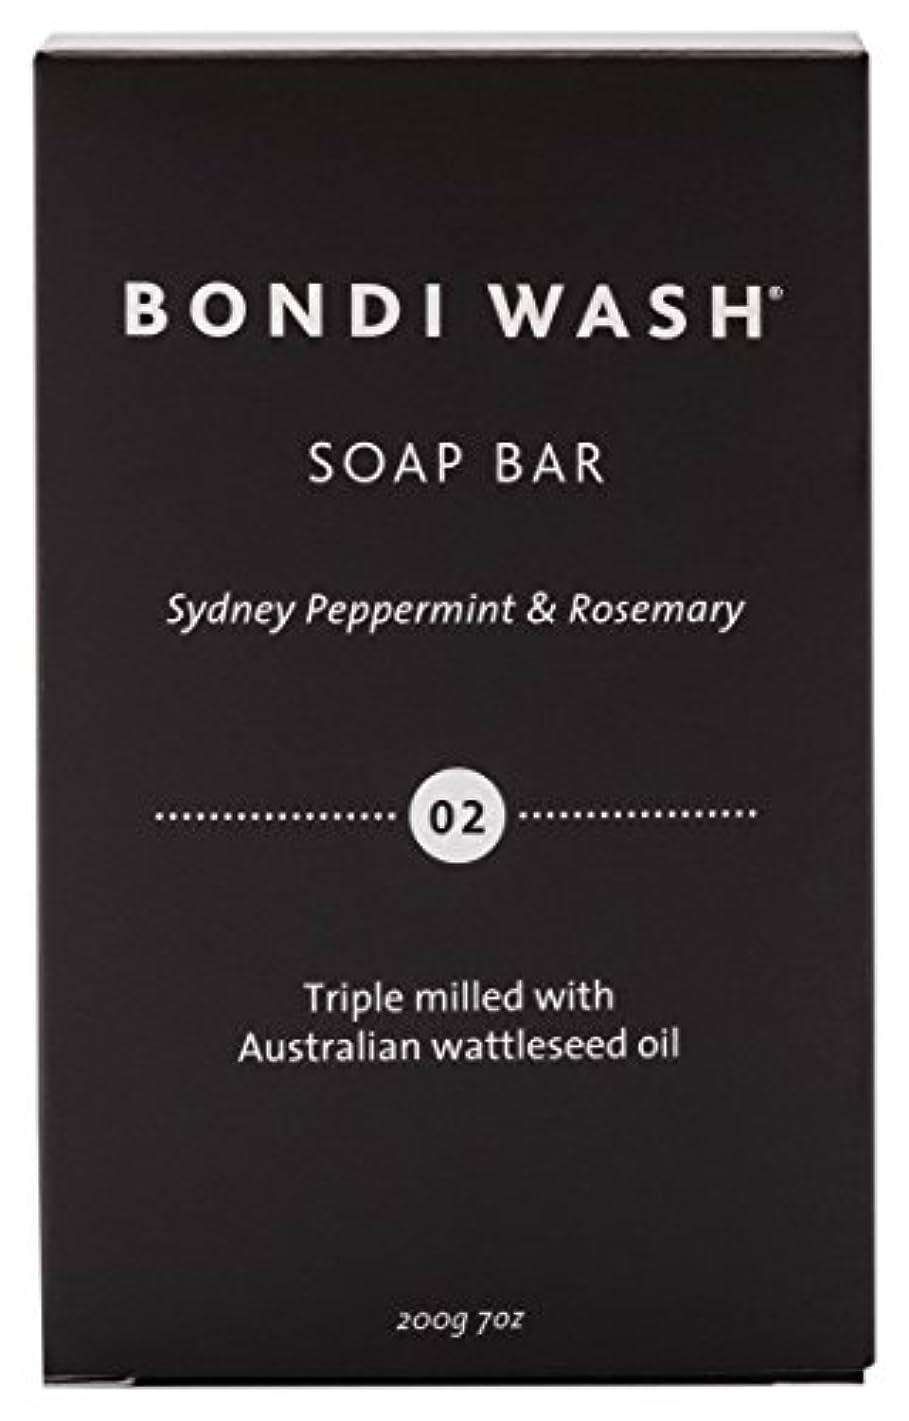 素晴らしき経歴落胆させるBONDI WASH ソープバー(固形石鹸) シドニーペパーミント&ローズマリー 200g